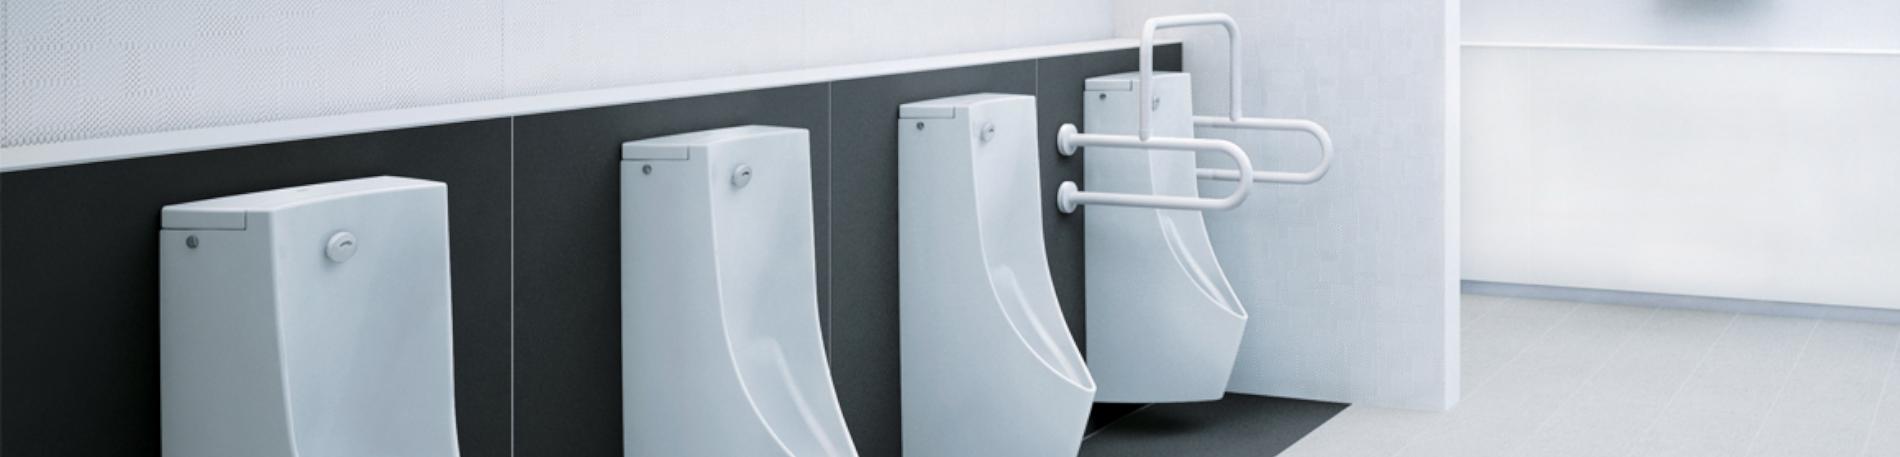 Concealed urinal sensor